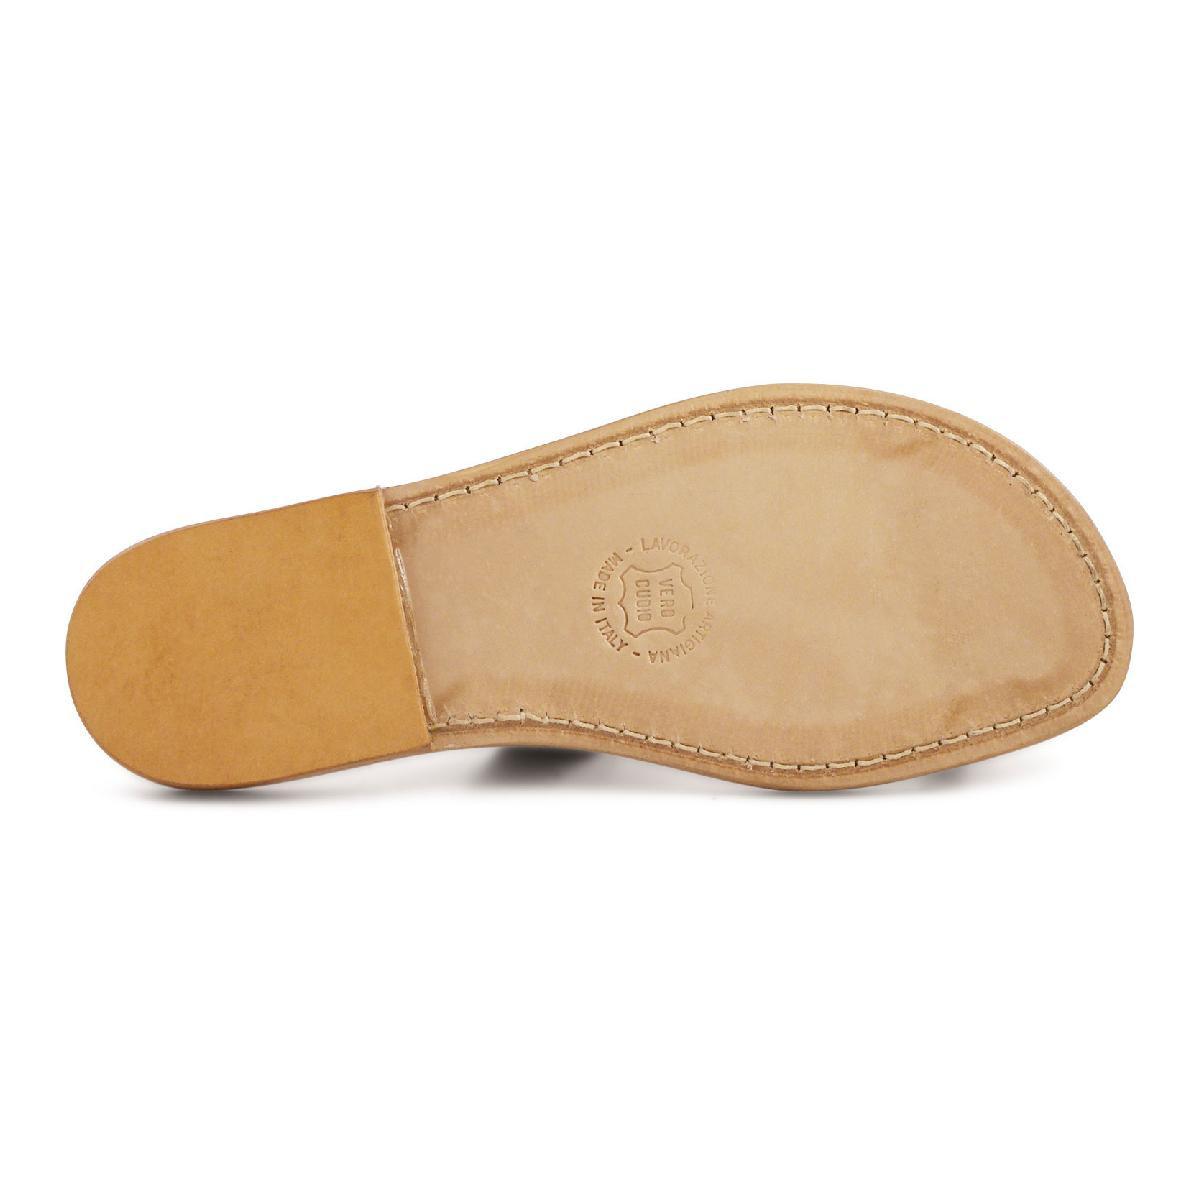 braune flip flop sandalen aus leder in italien von hand. Black Bedroom Furniture Sets. Home Design Ideas